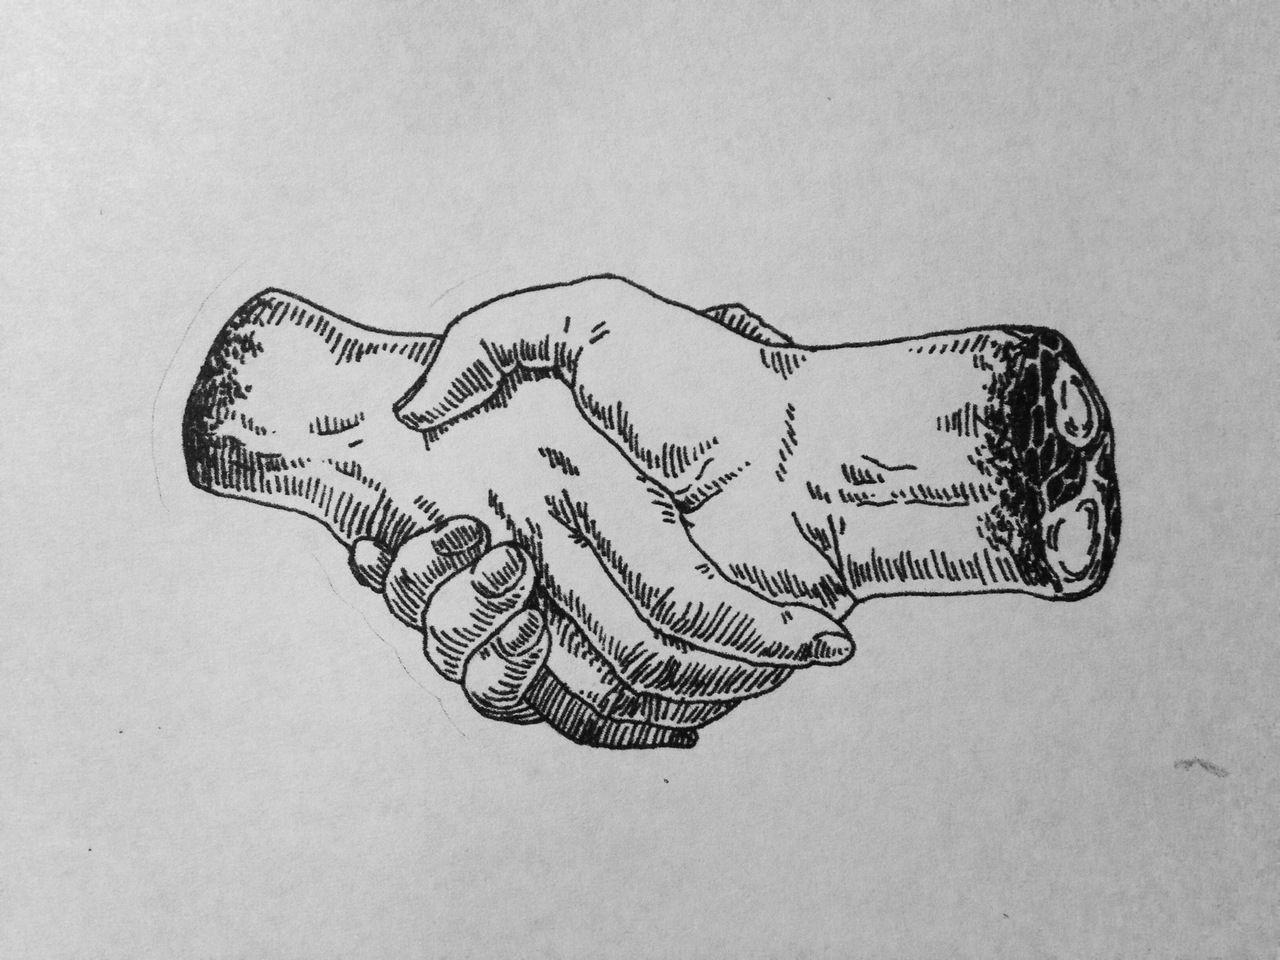 Black Hand And White Hand Shaking